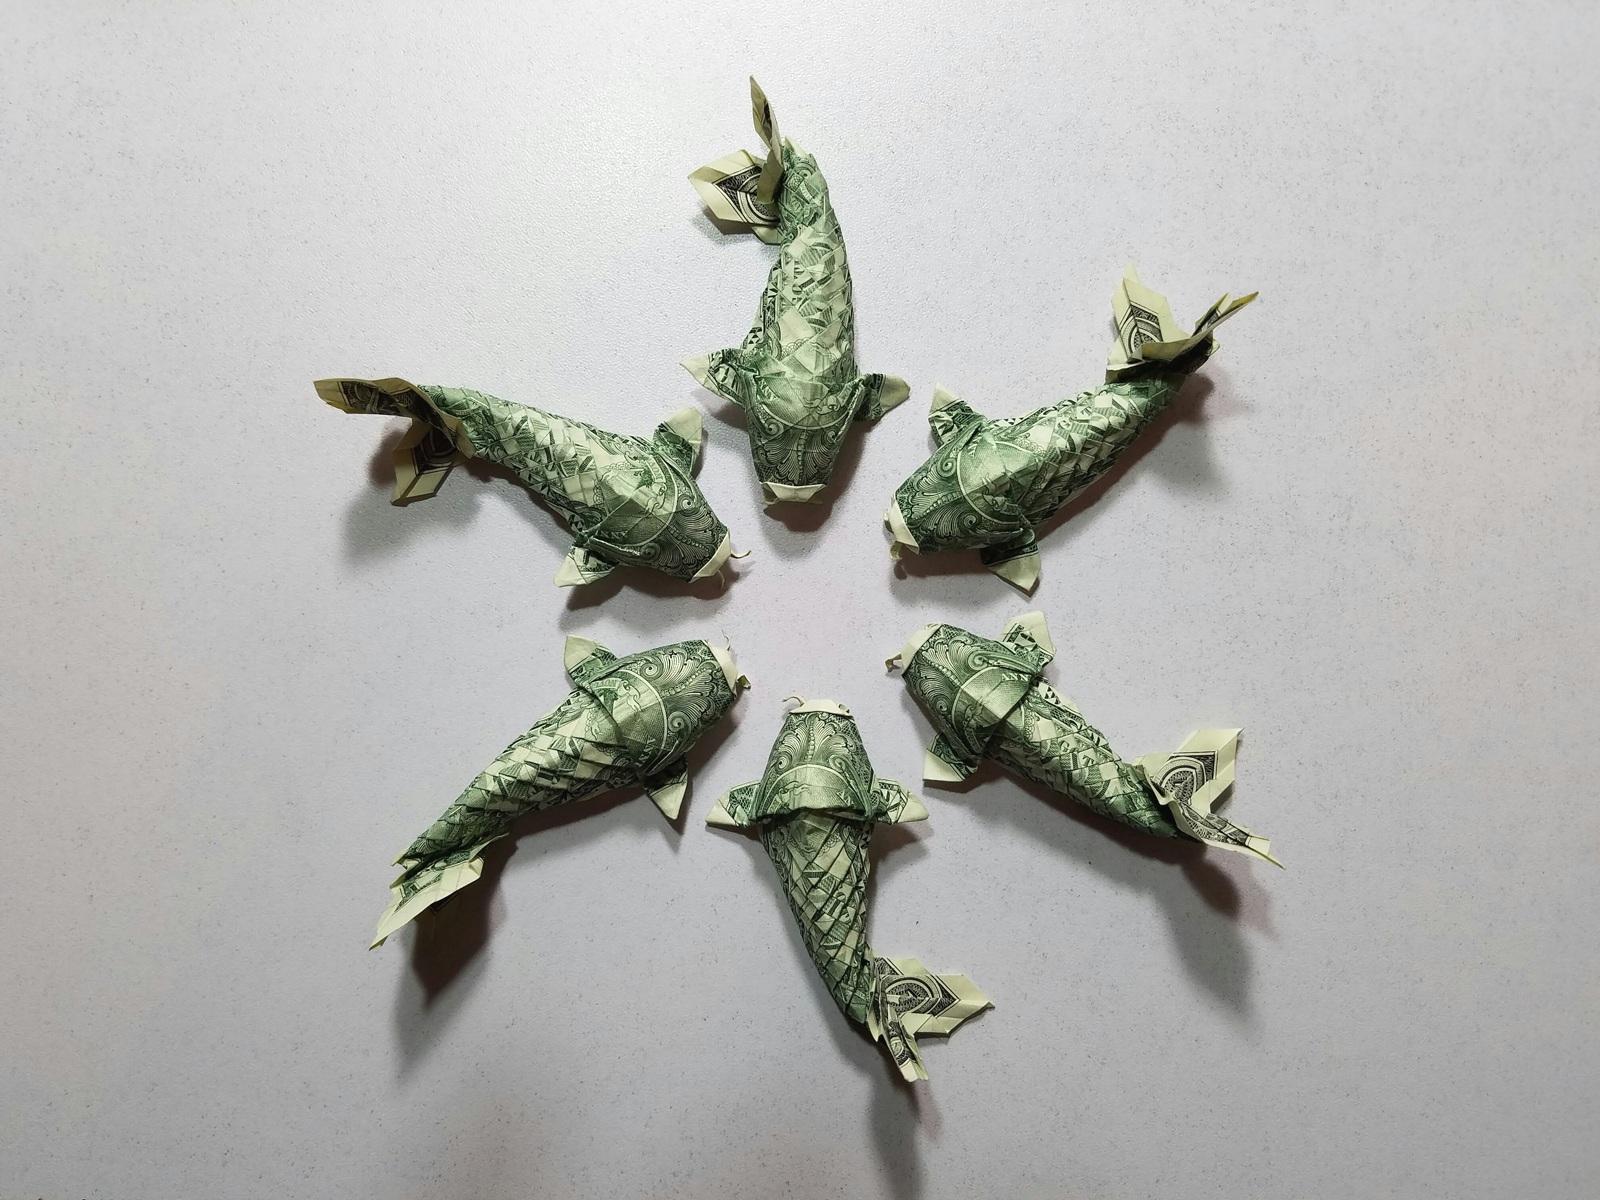 Koi Fish Dollar Bill Origami Moneygami